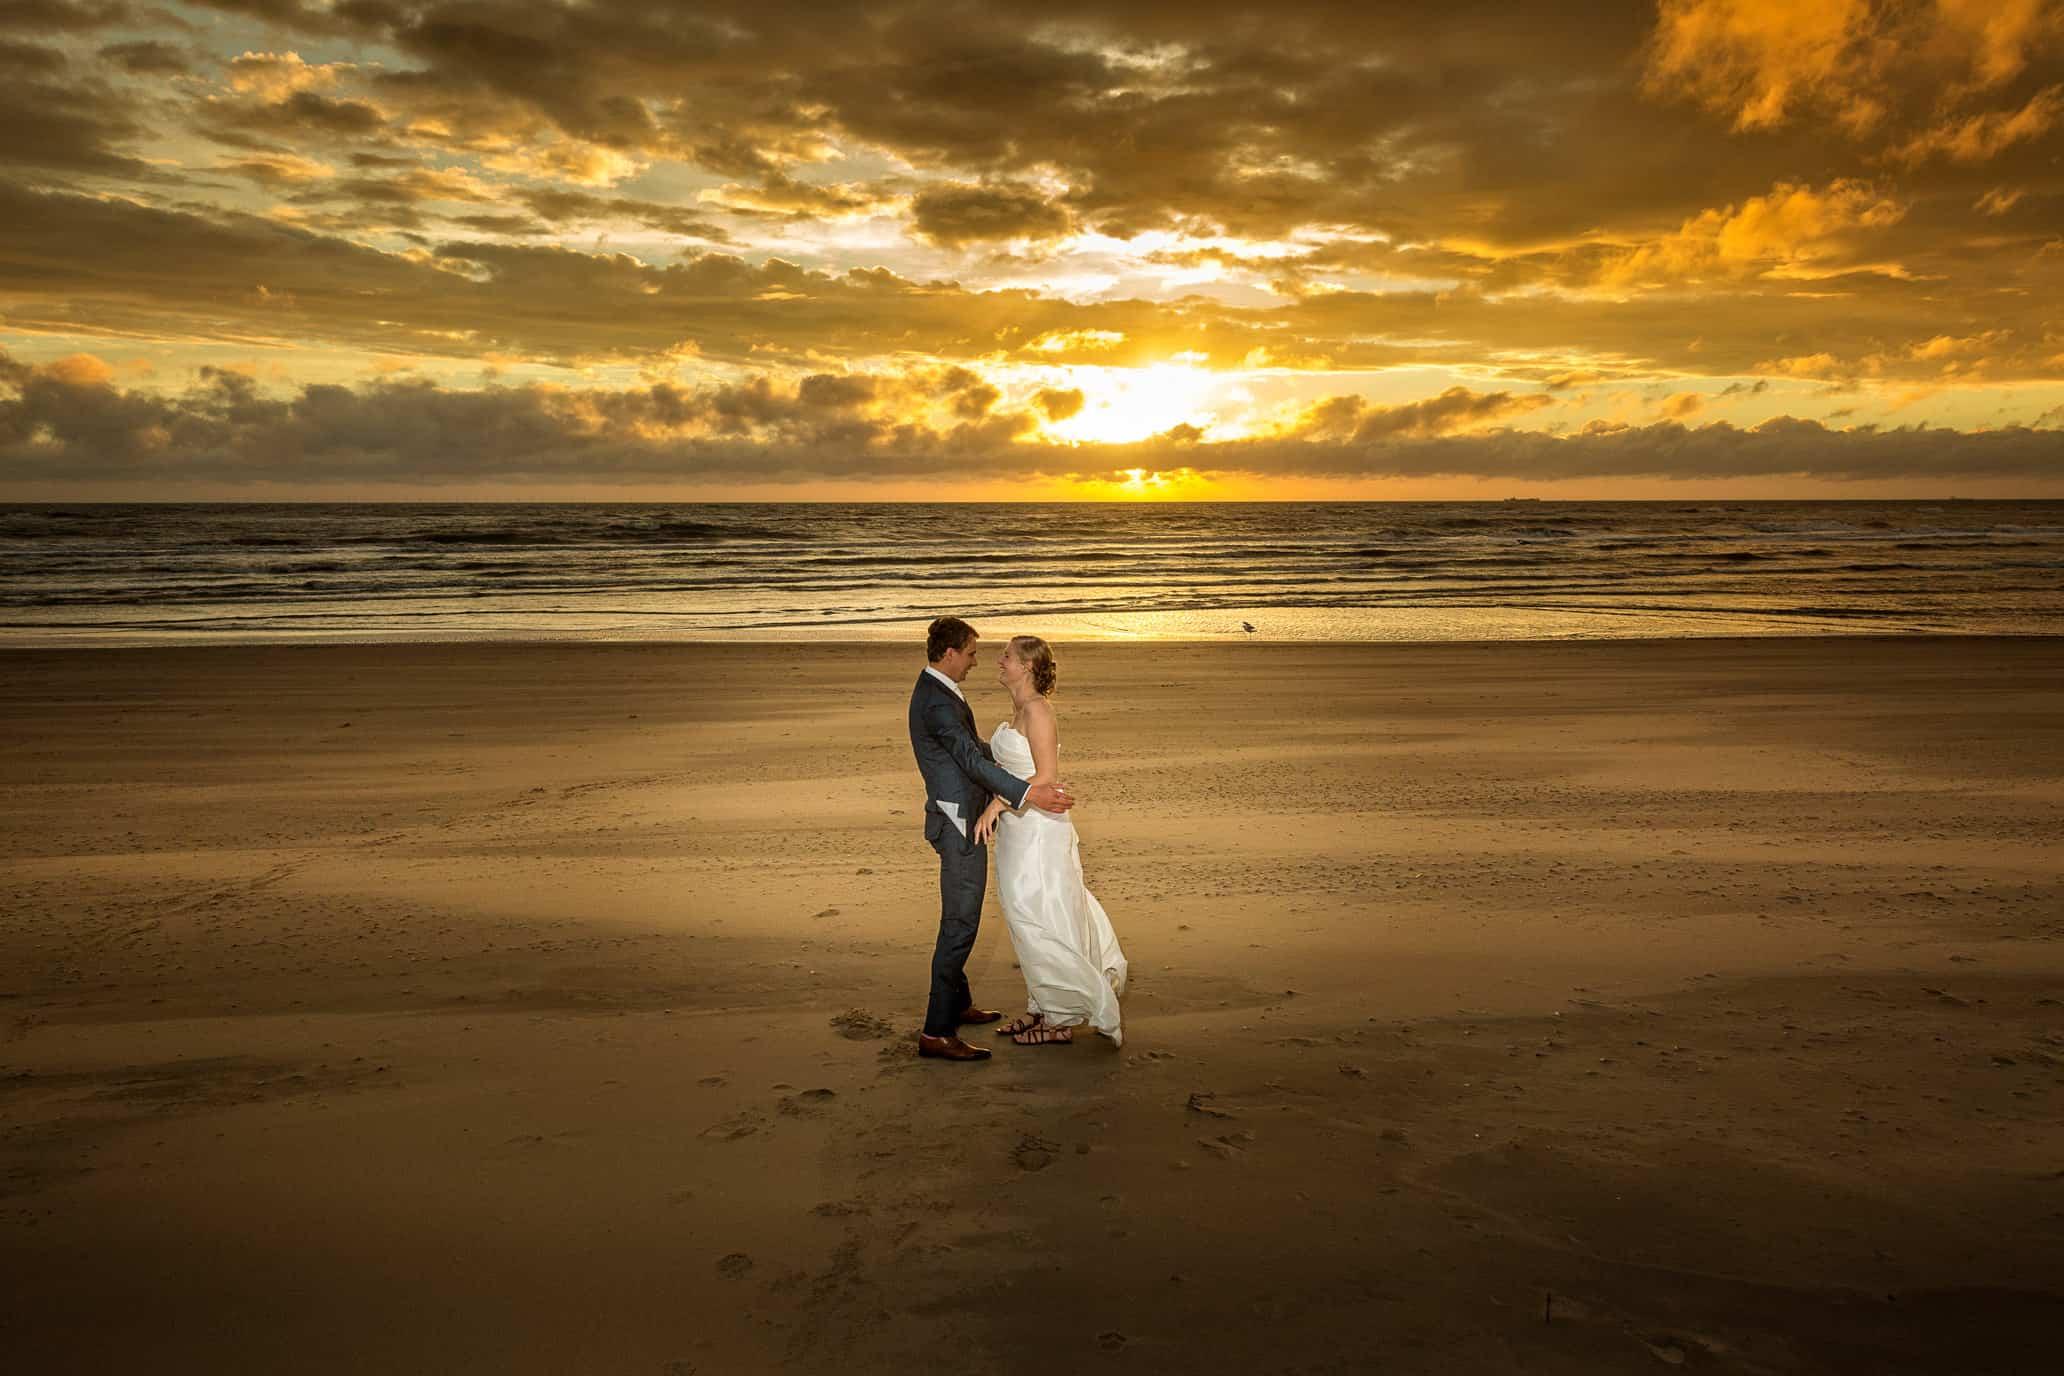 fotograaf huwelijk trouwen Texel